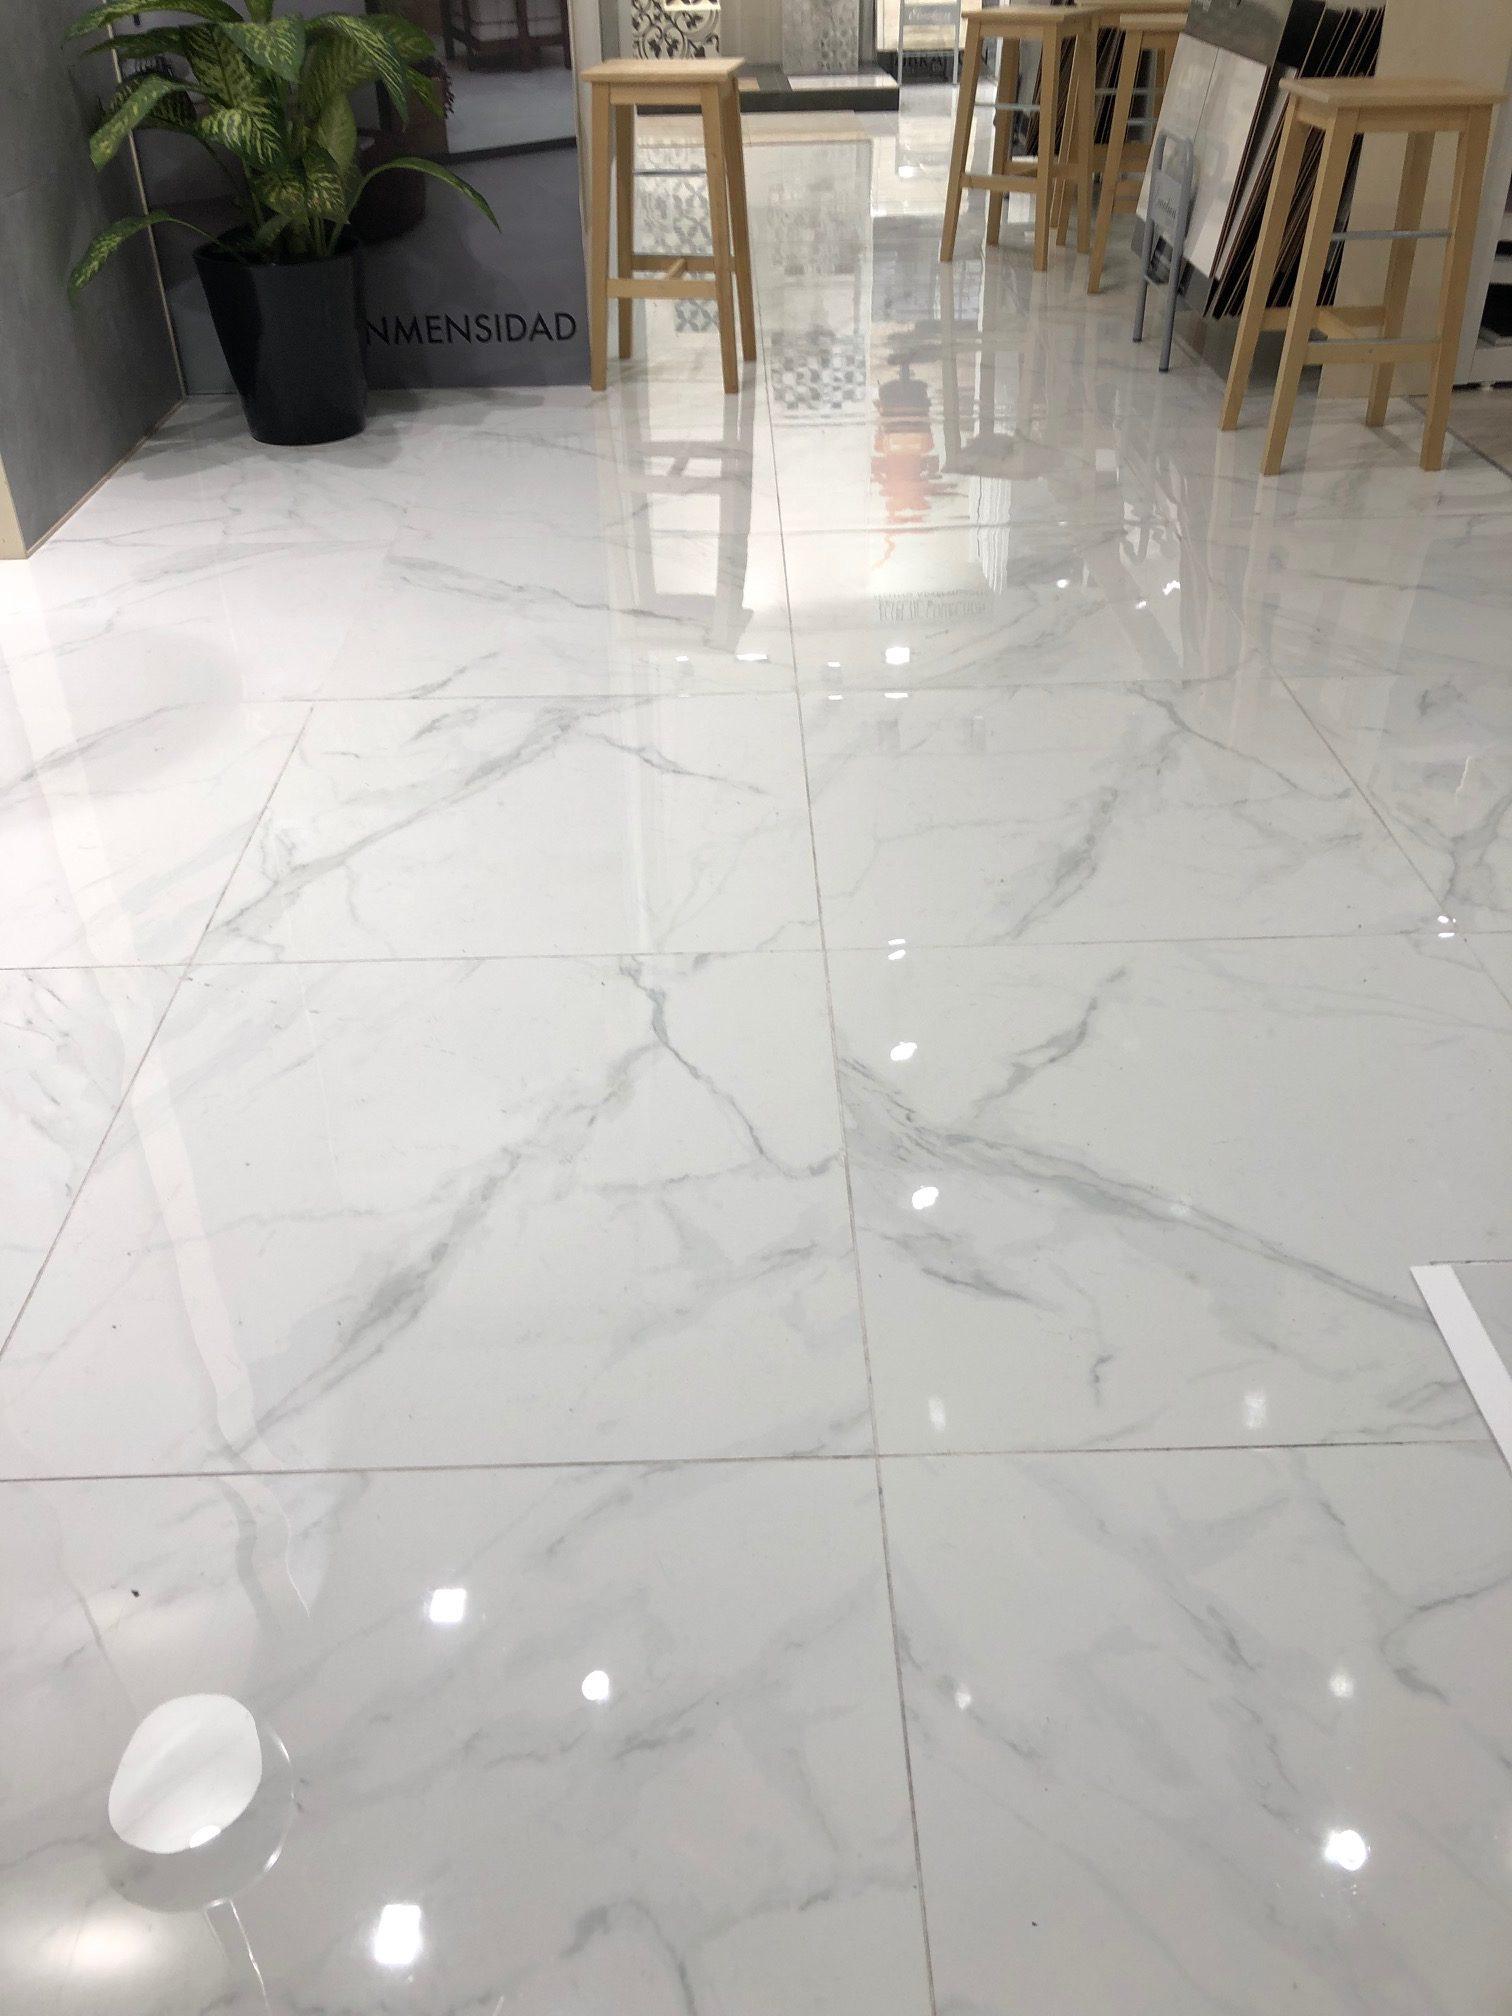 naos brillo 24x24 inch porcelain tile